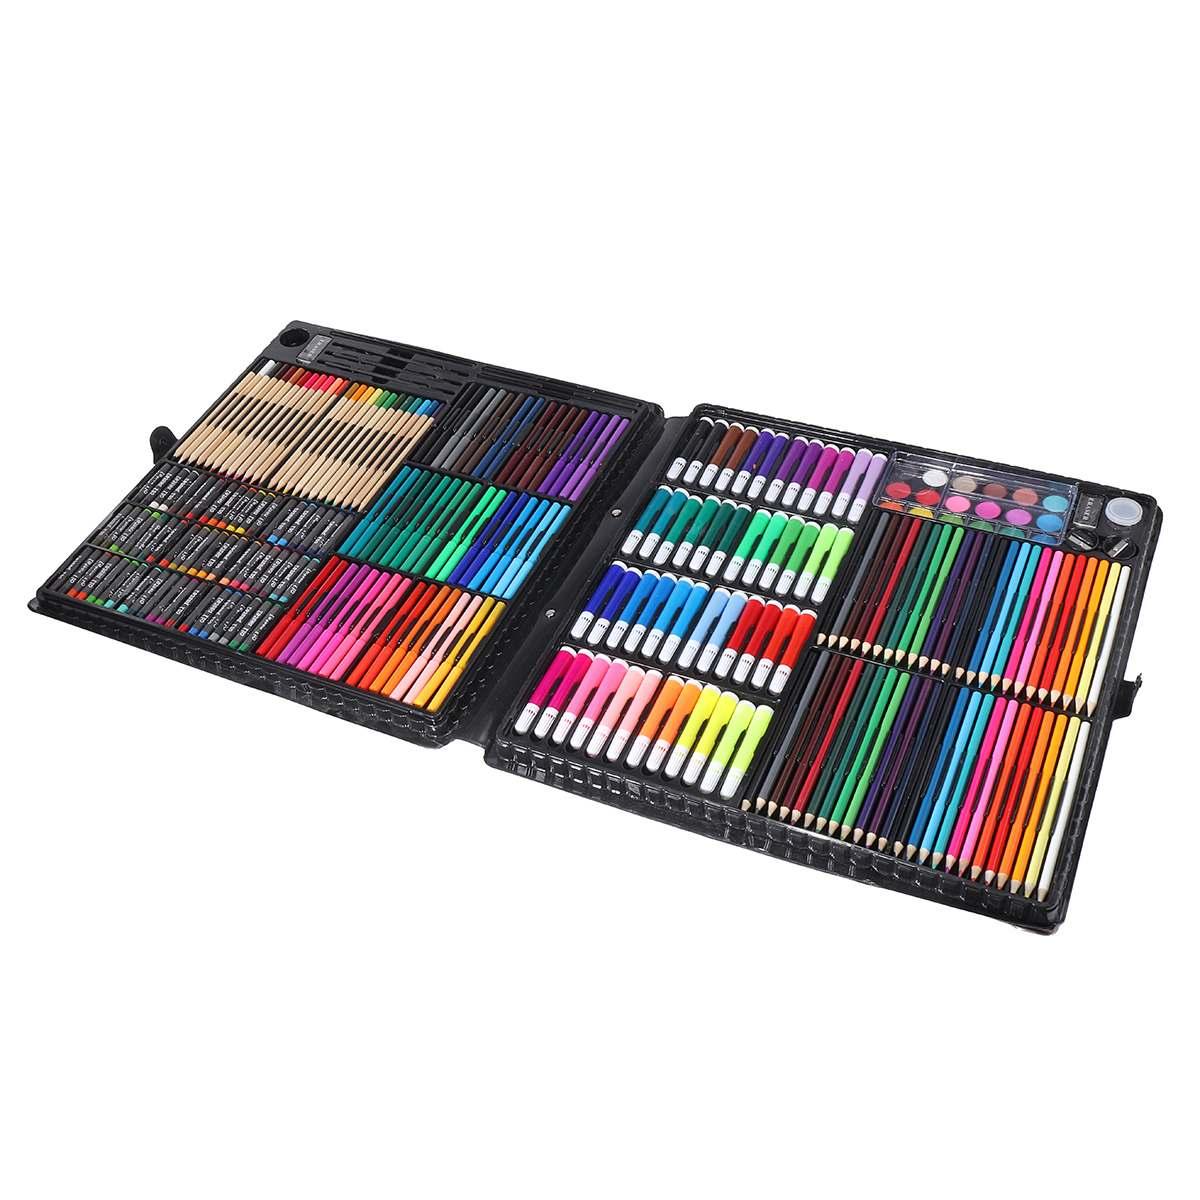 258 pièces professionnel peinture dessin stylo Art ensemble esquisse couleur crayon Pastel gomme peinture boîte cadeau d'anniversaire - 4